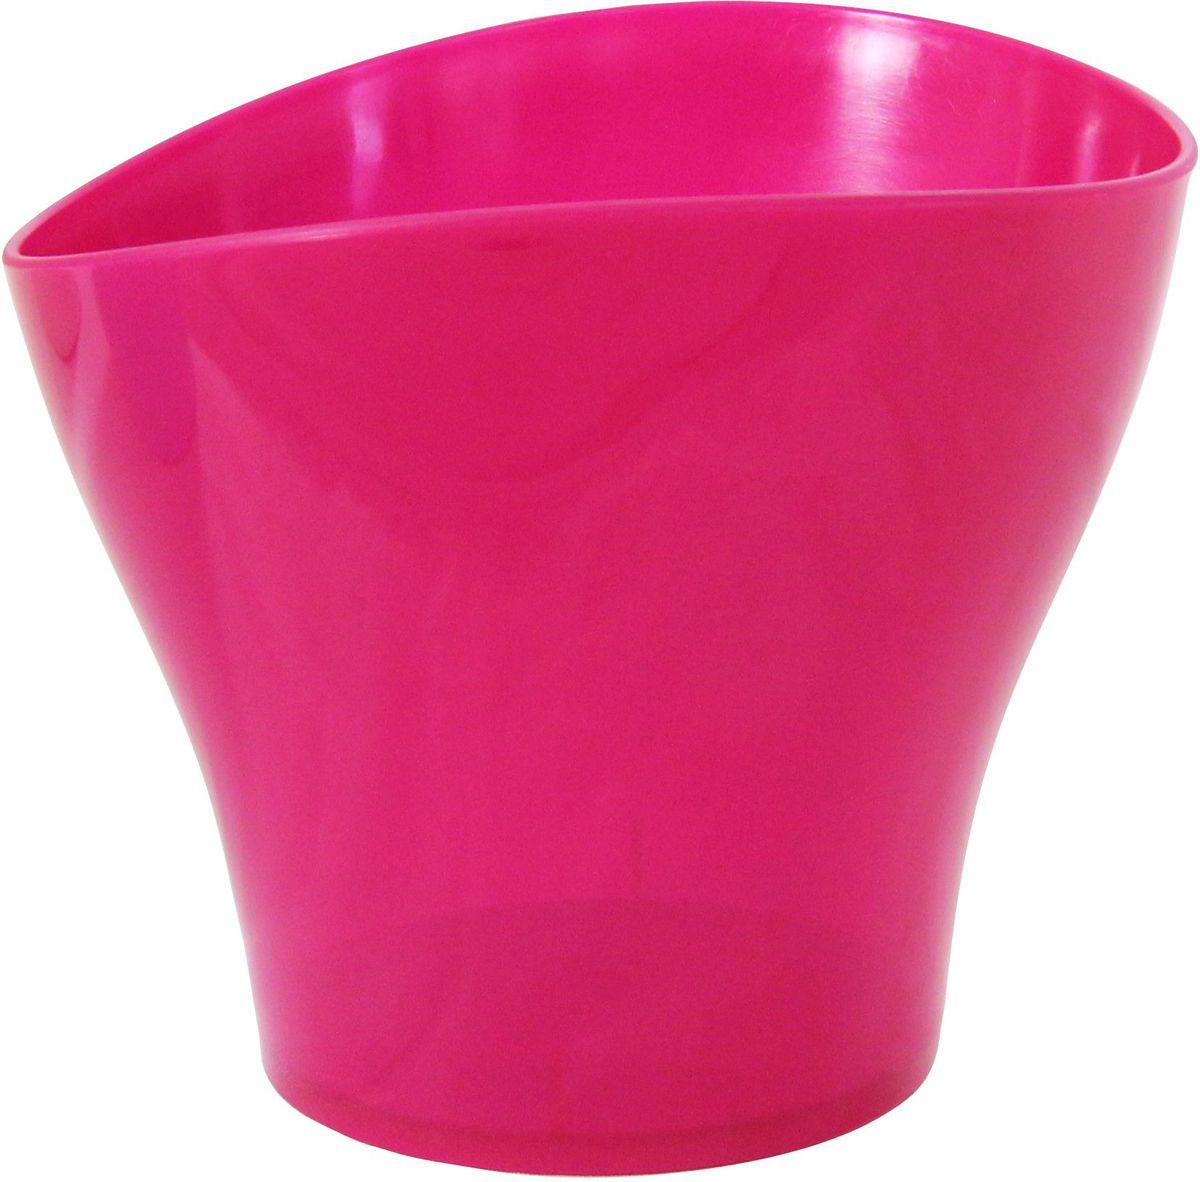 Кашпо Idea Волна, цвет: малиновый, 1,6 лМ 3103Кашпо Idea Волна изготовлено из прочного полипропилена (пластика) и предназначено для выращивания растений, цветов и трав в домашних условиях. Такое кашпо порадует вас функциональностью, а благодаря лаконичному дизайну впишется в любой интерьер помещения. Объем кашпо: 1,6 л.